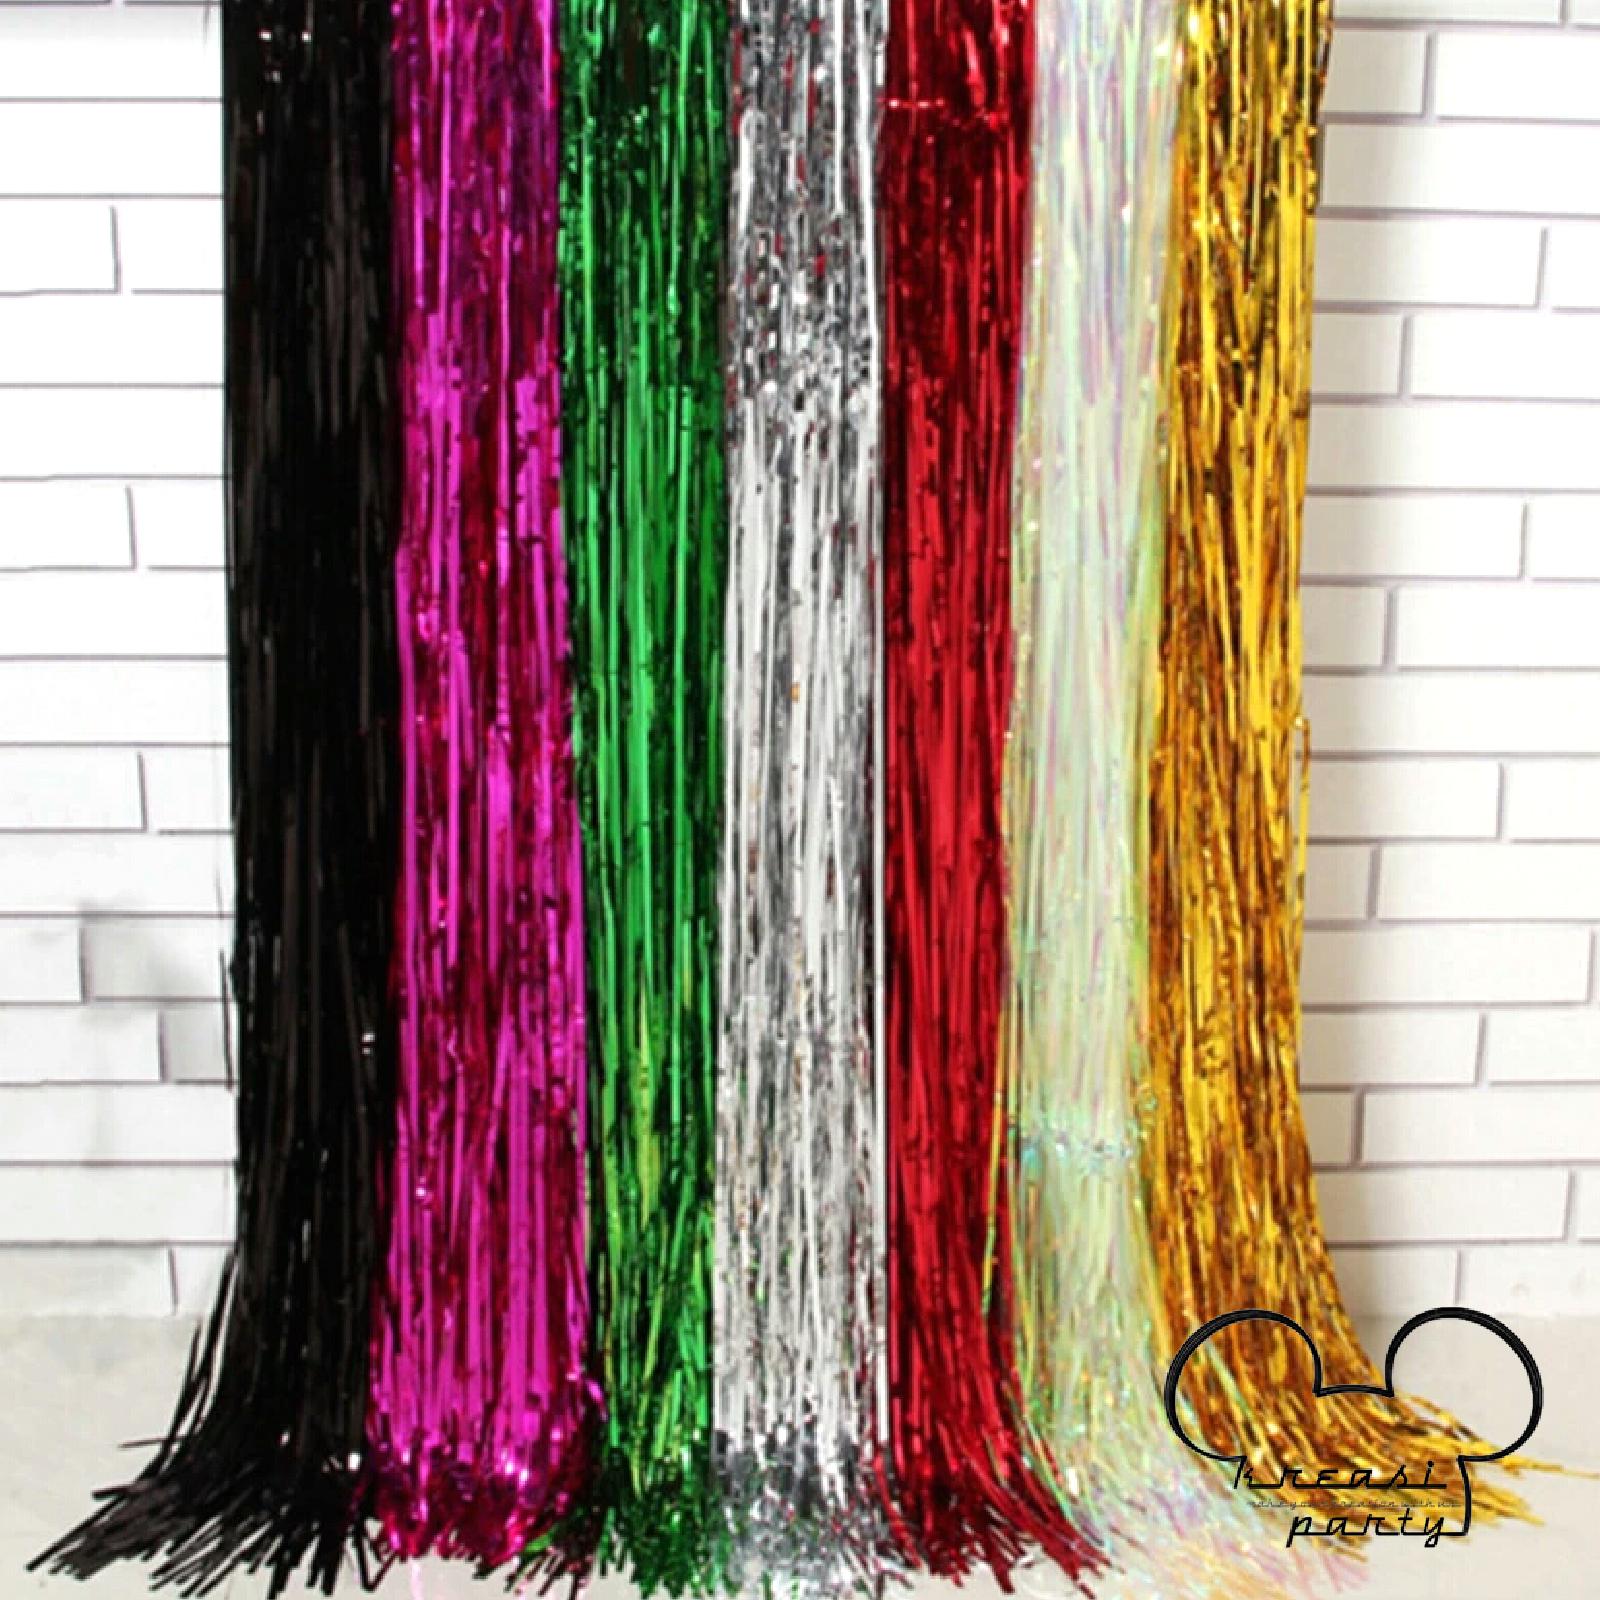 Tirai Foil Curtain Fringer 1m X 2m Daftar Harga Terlengkap Balonasia Dekorasi Backdrop Jual Fringe Kreasi